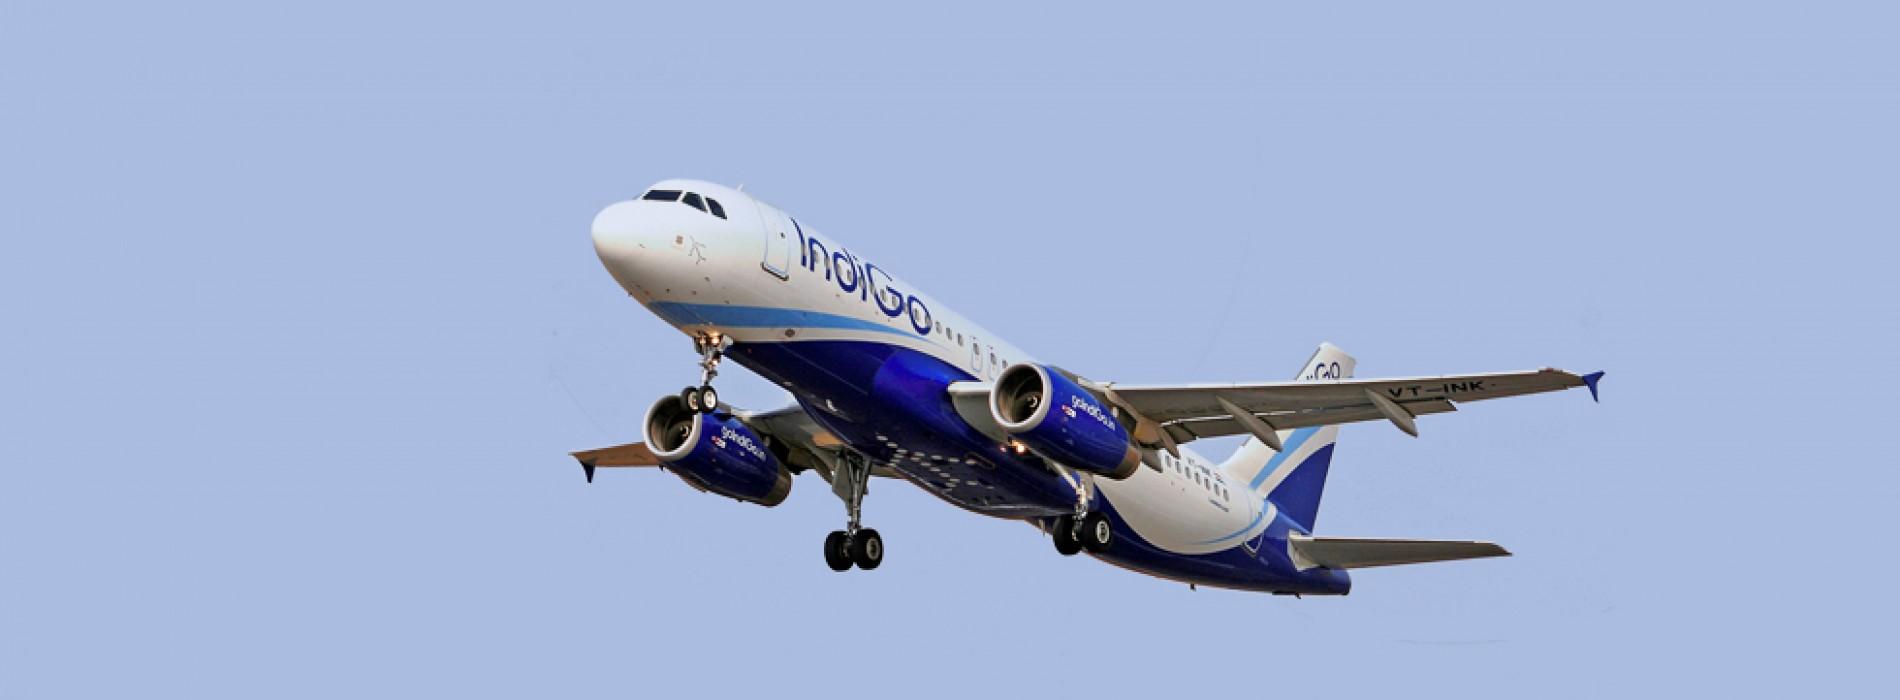 IndiGo said to get DGCA nod for modified regional planes